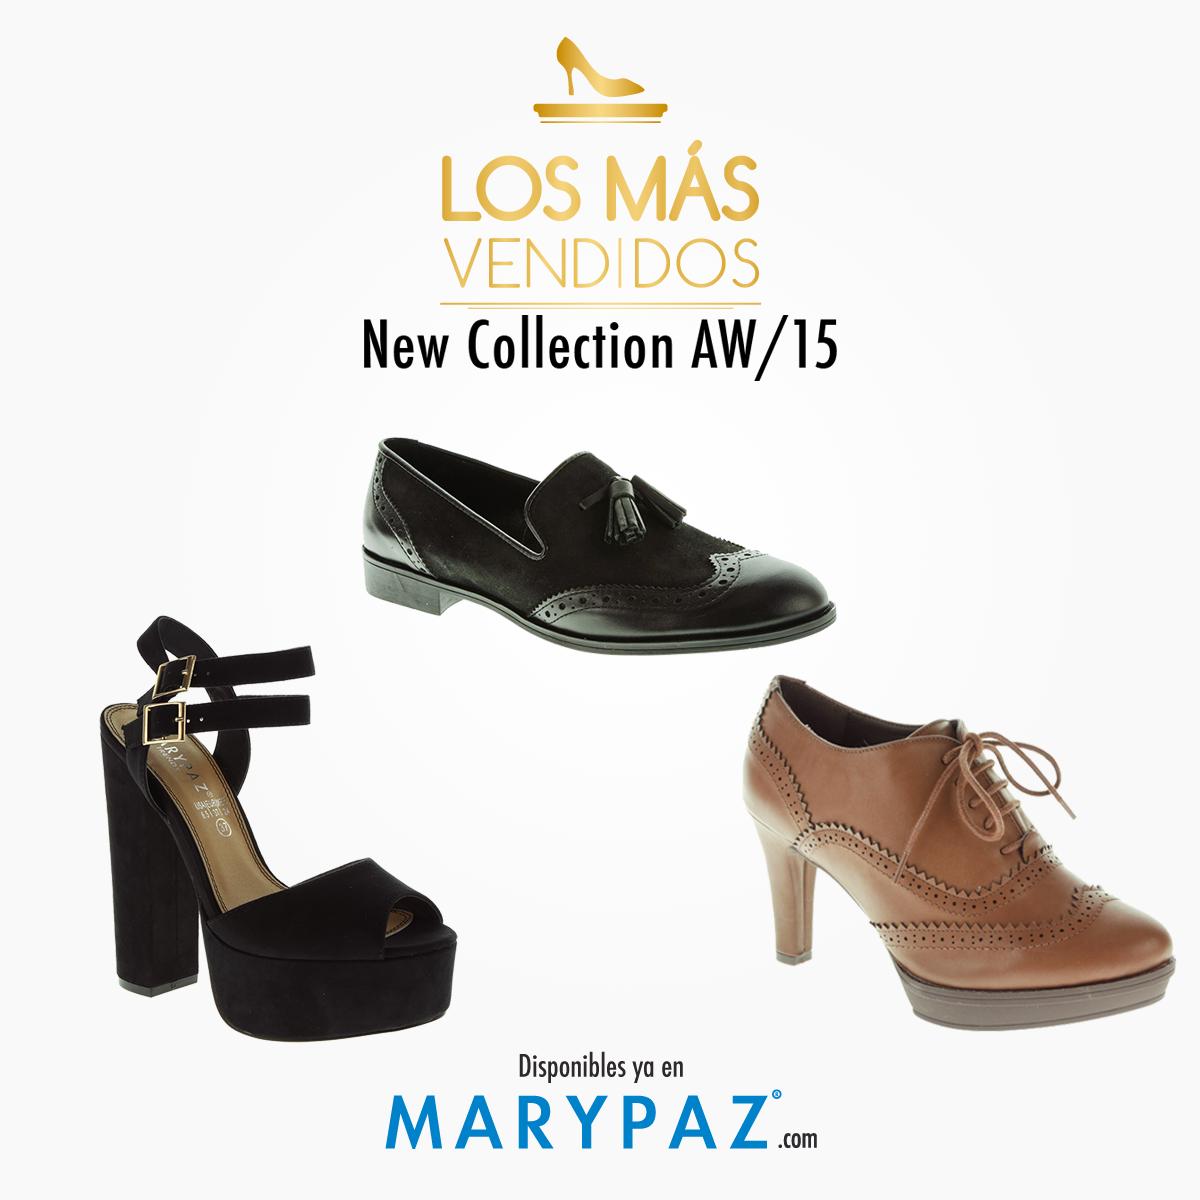 Losvendidossandalias Tacony En Shoes Cxedbo De Pin Marypaz BoxerdC